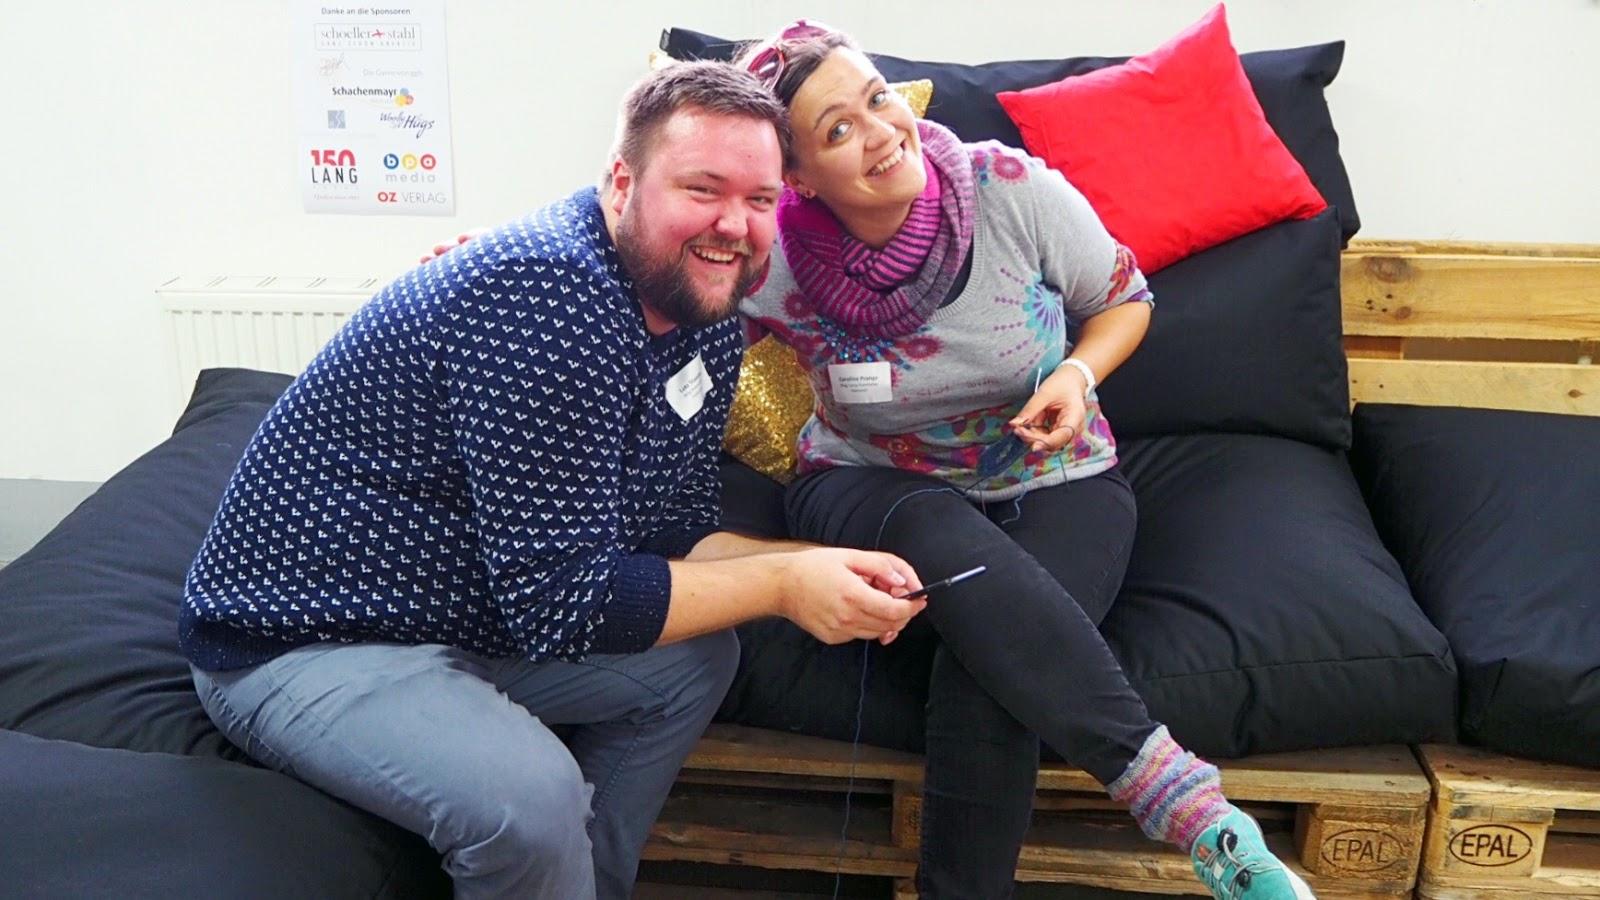 Caros Fummeley und Lutz von maleknitting beim Bloggertreffen von addi